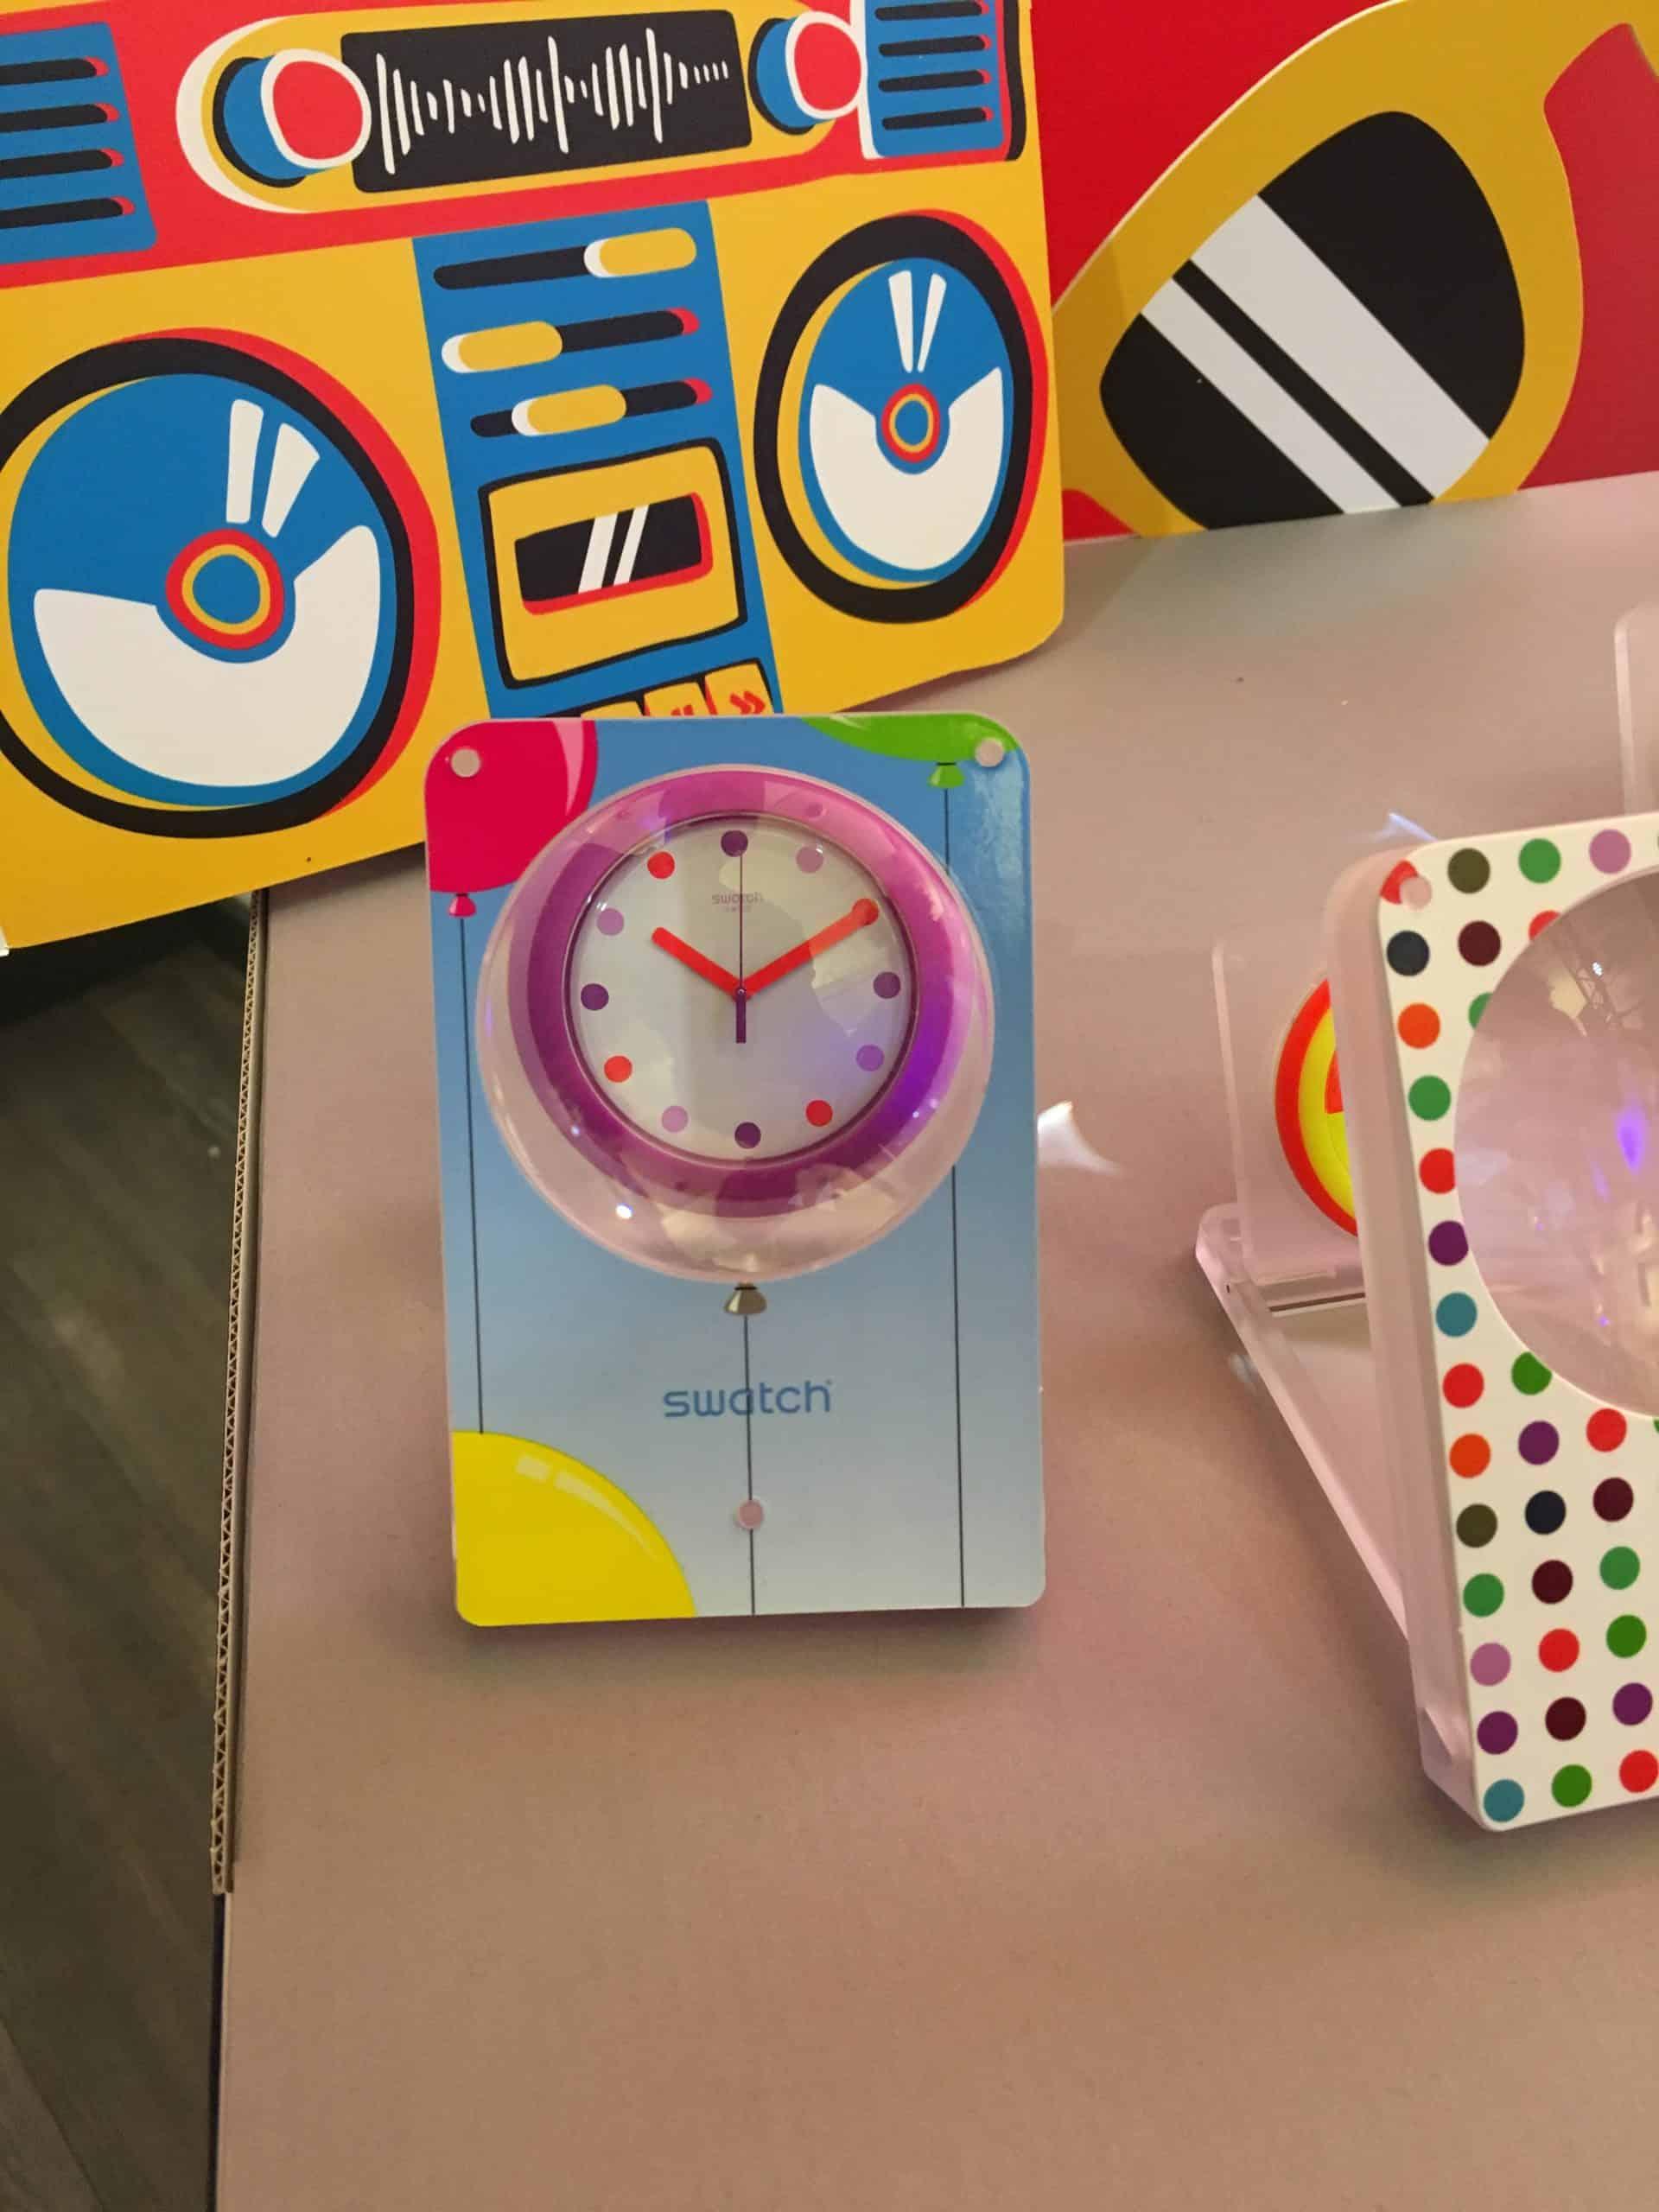 Die funktionale Variabiltät der Pop Watch von Swatch